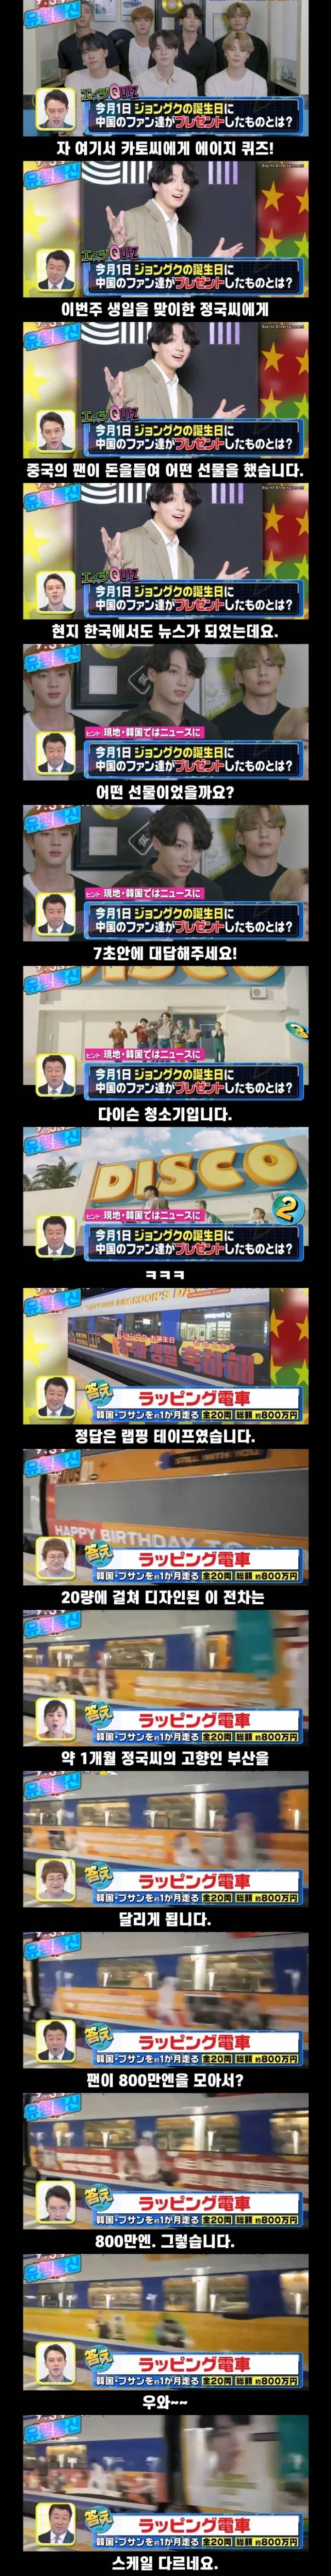 bts 중국팬 스케일에 놀라는 일본인.jpg | 인스티즈